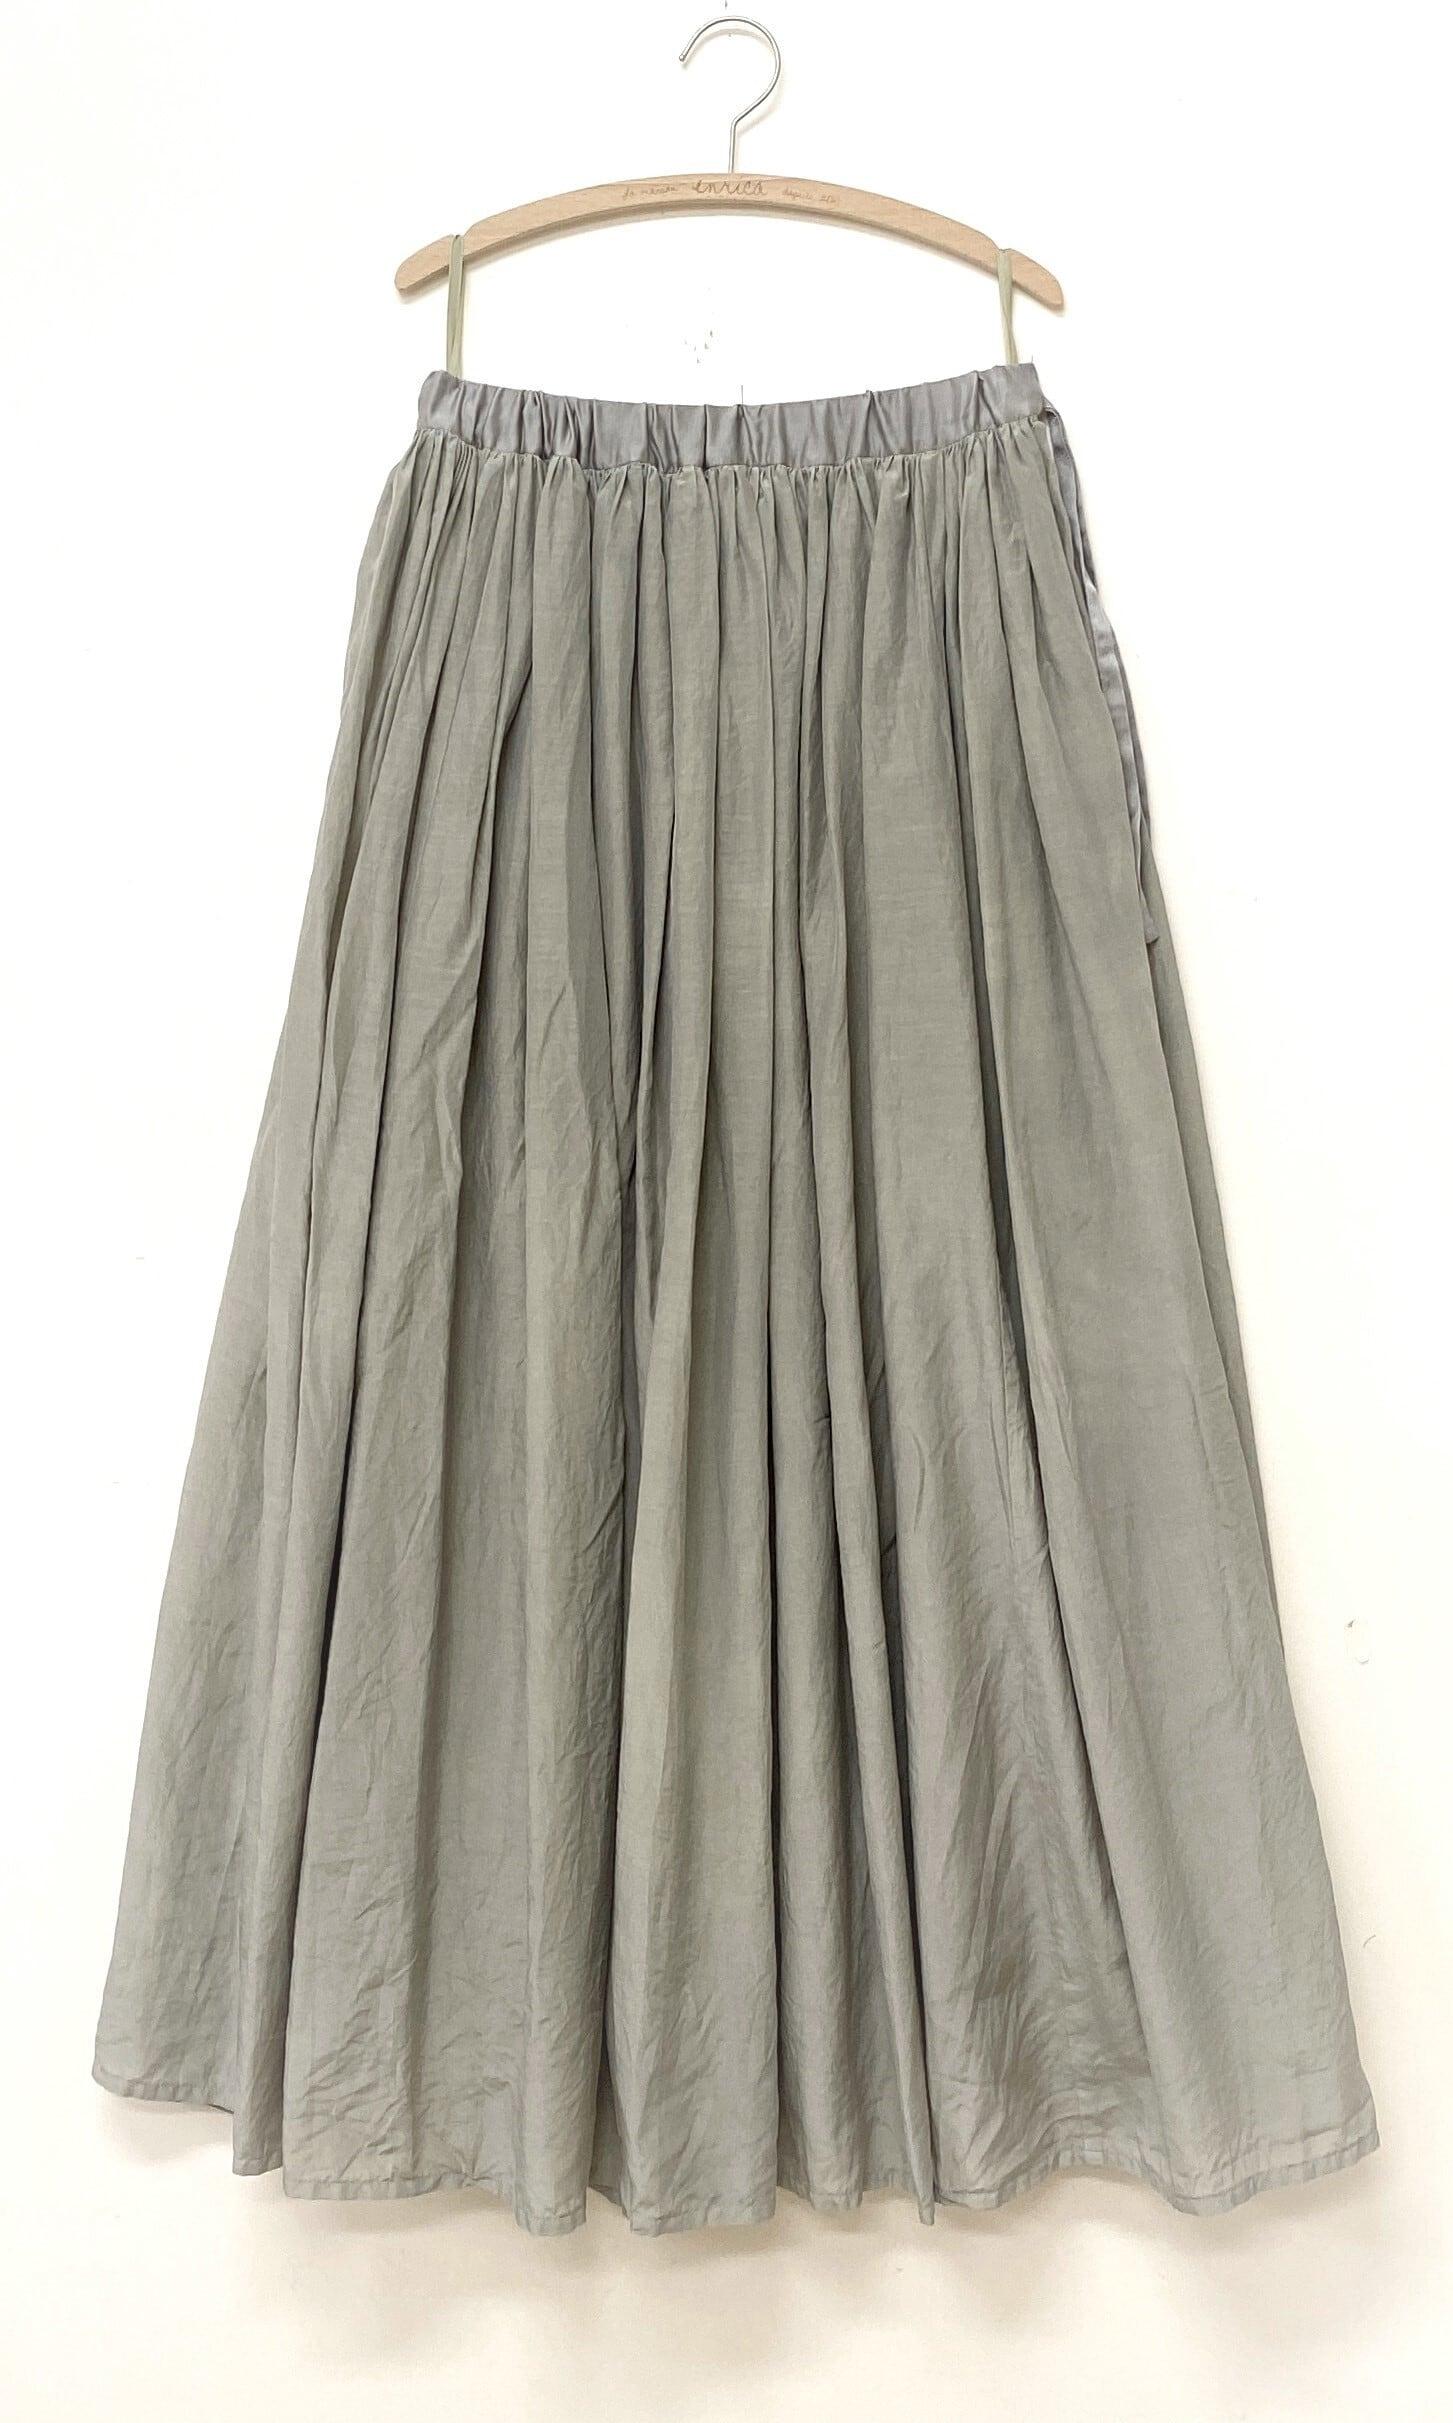 綿シルク素材のギャザースカート FIG-GRAY(イチジク染め)